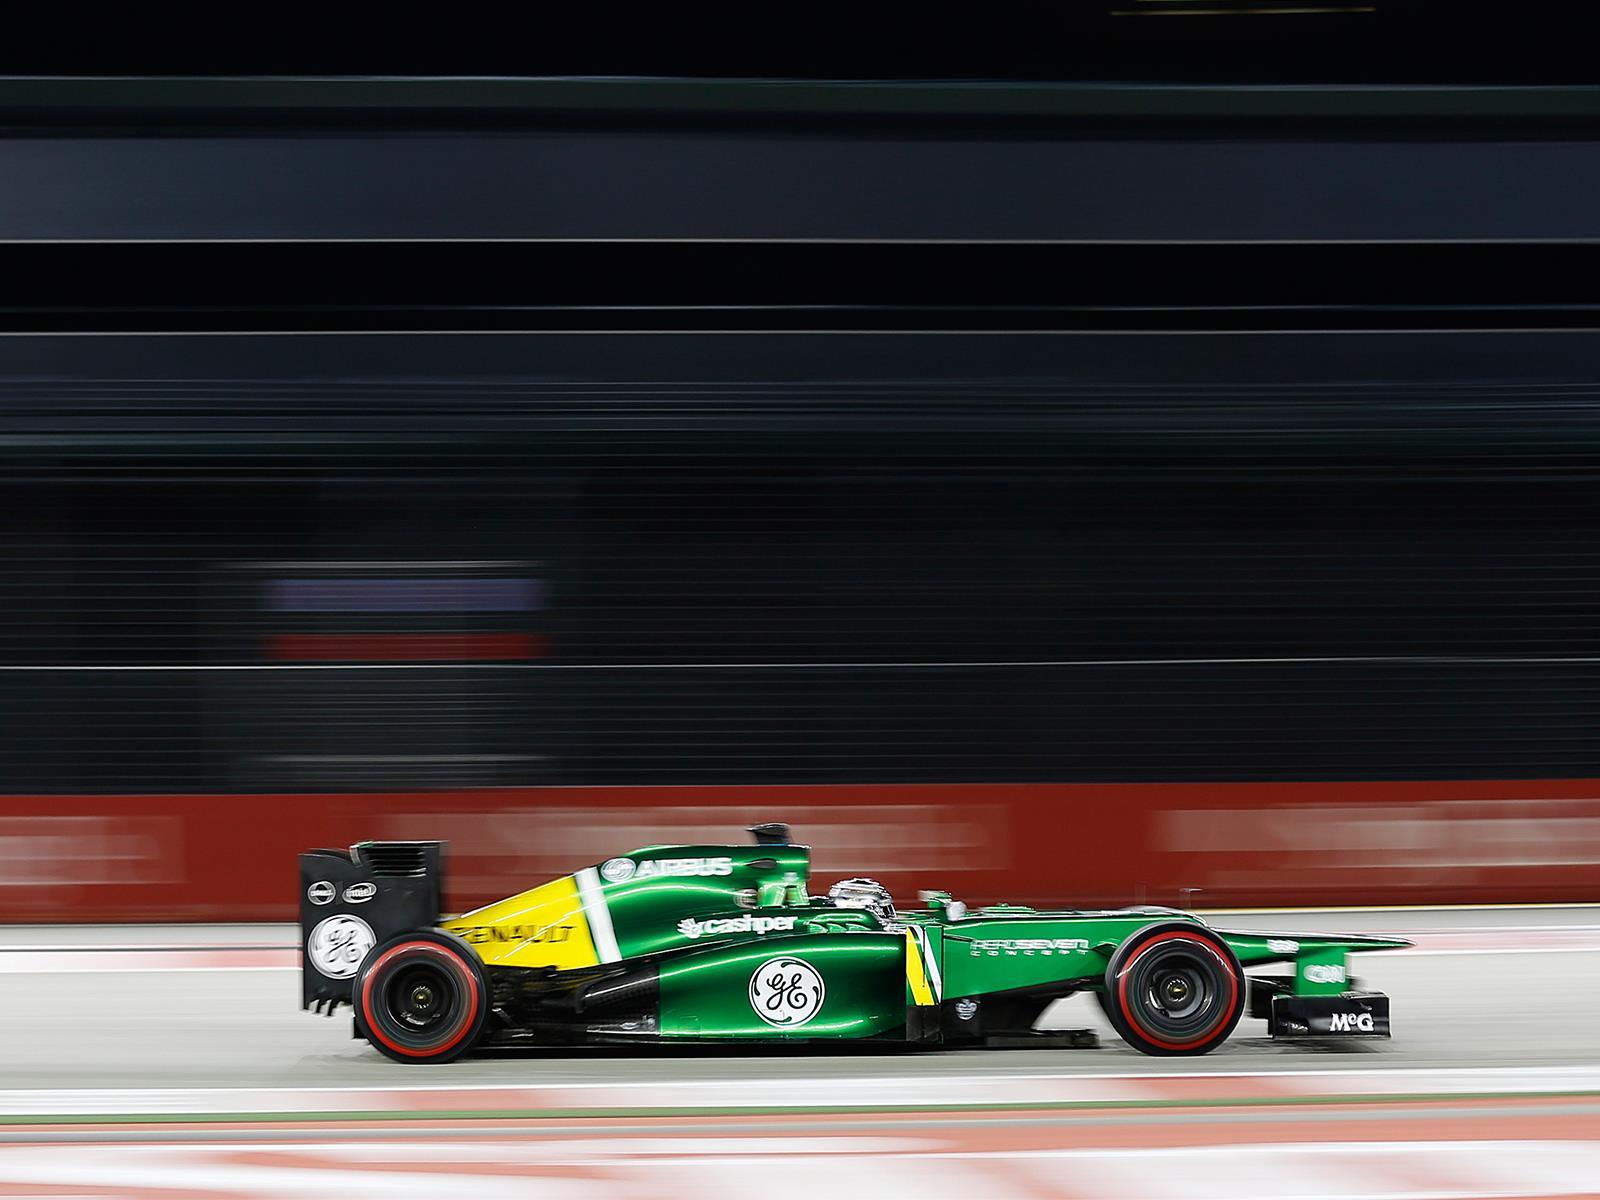 10 datos curiosos sobre los autos de Fórmula 1